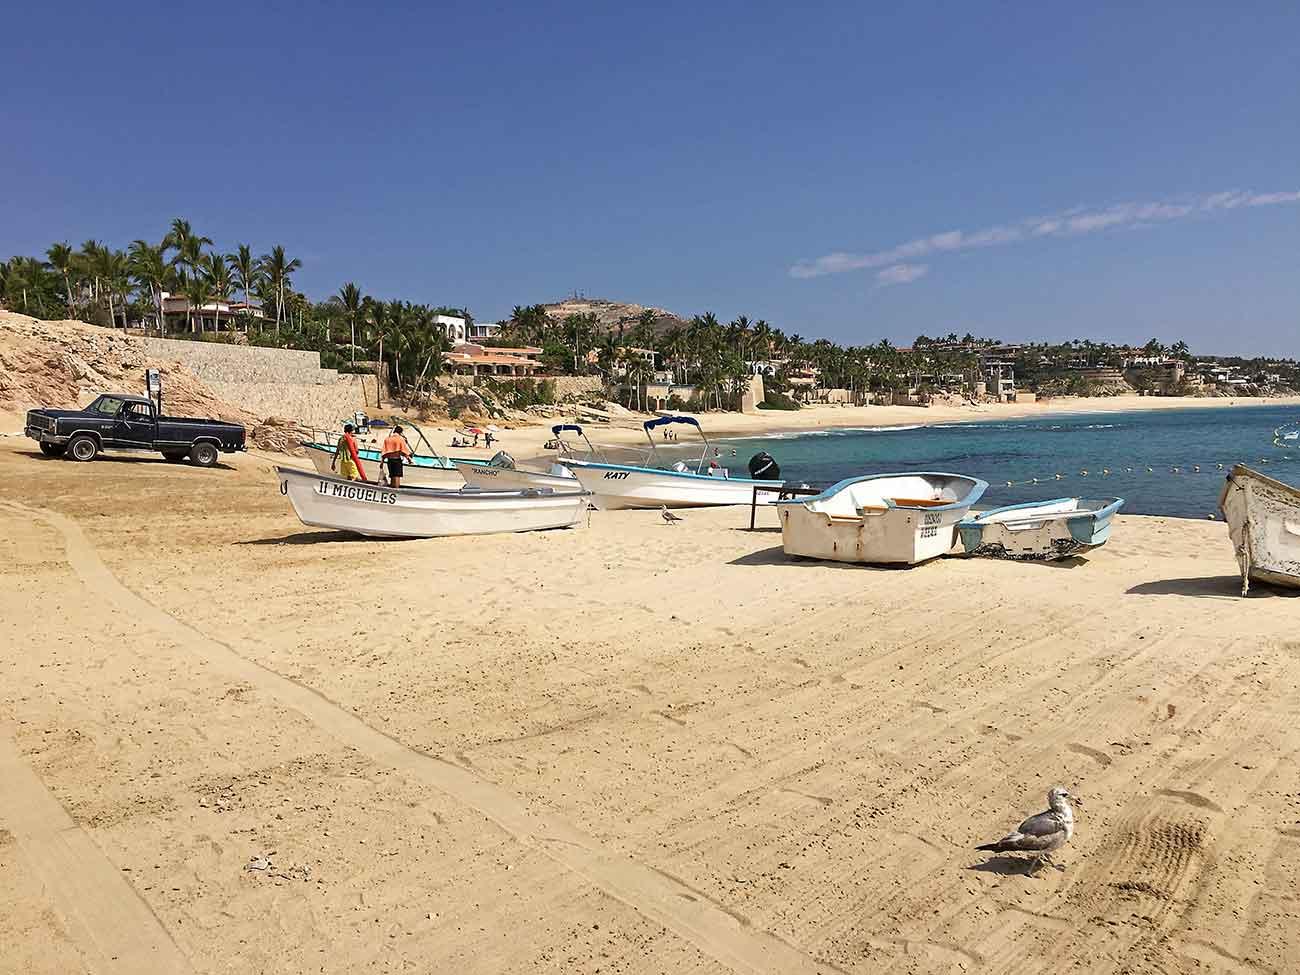 Palmilla Beach Playa San Jose Del Cabo May 2016